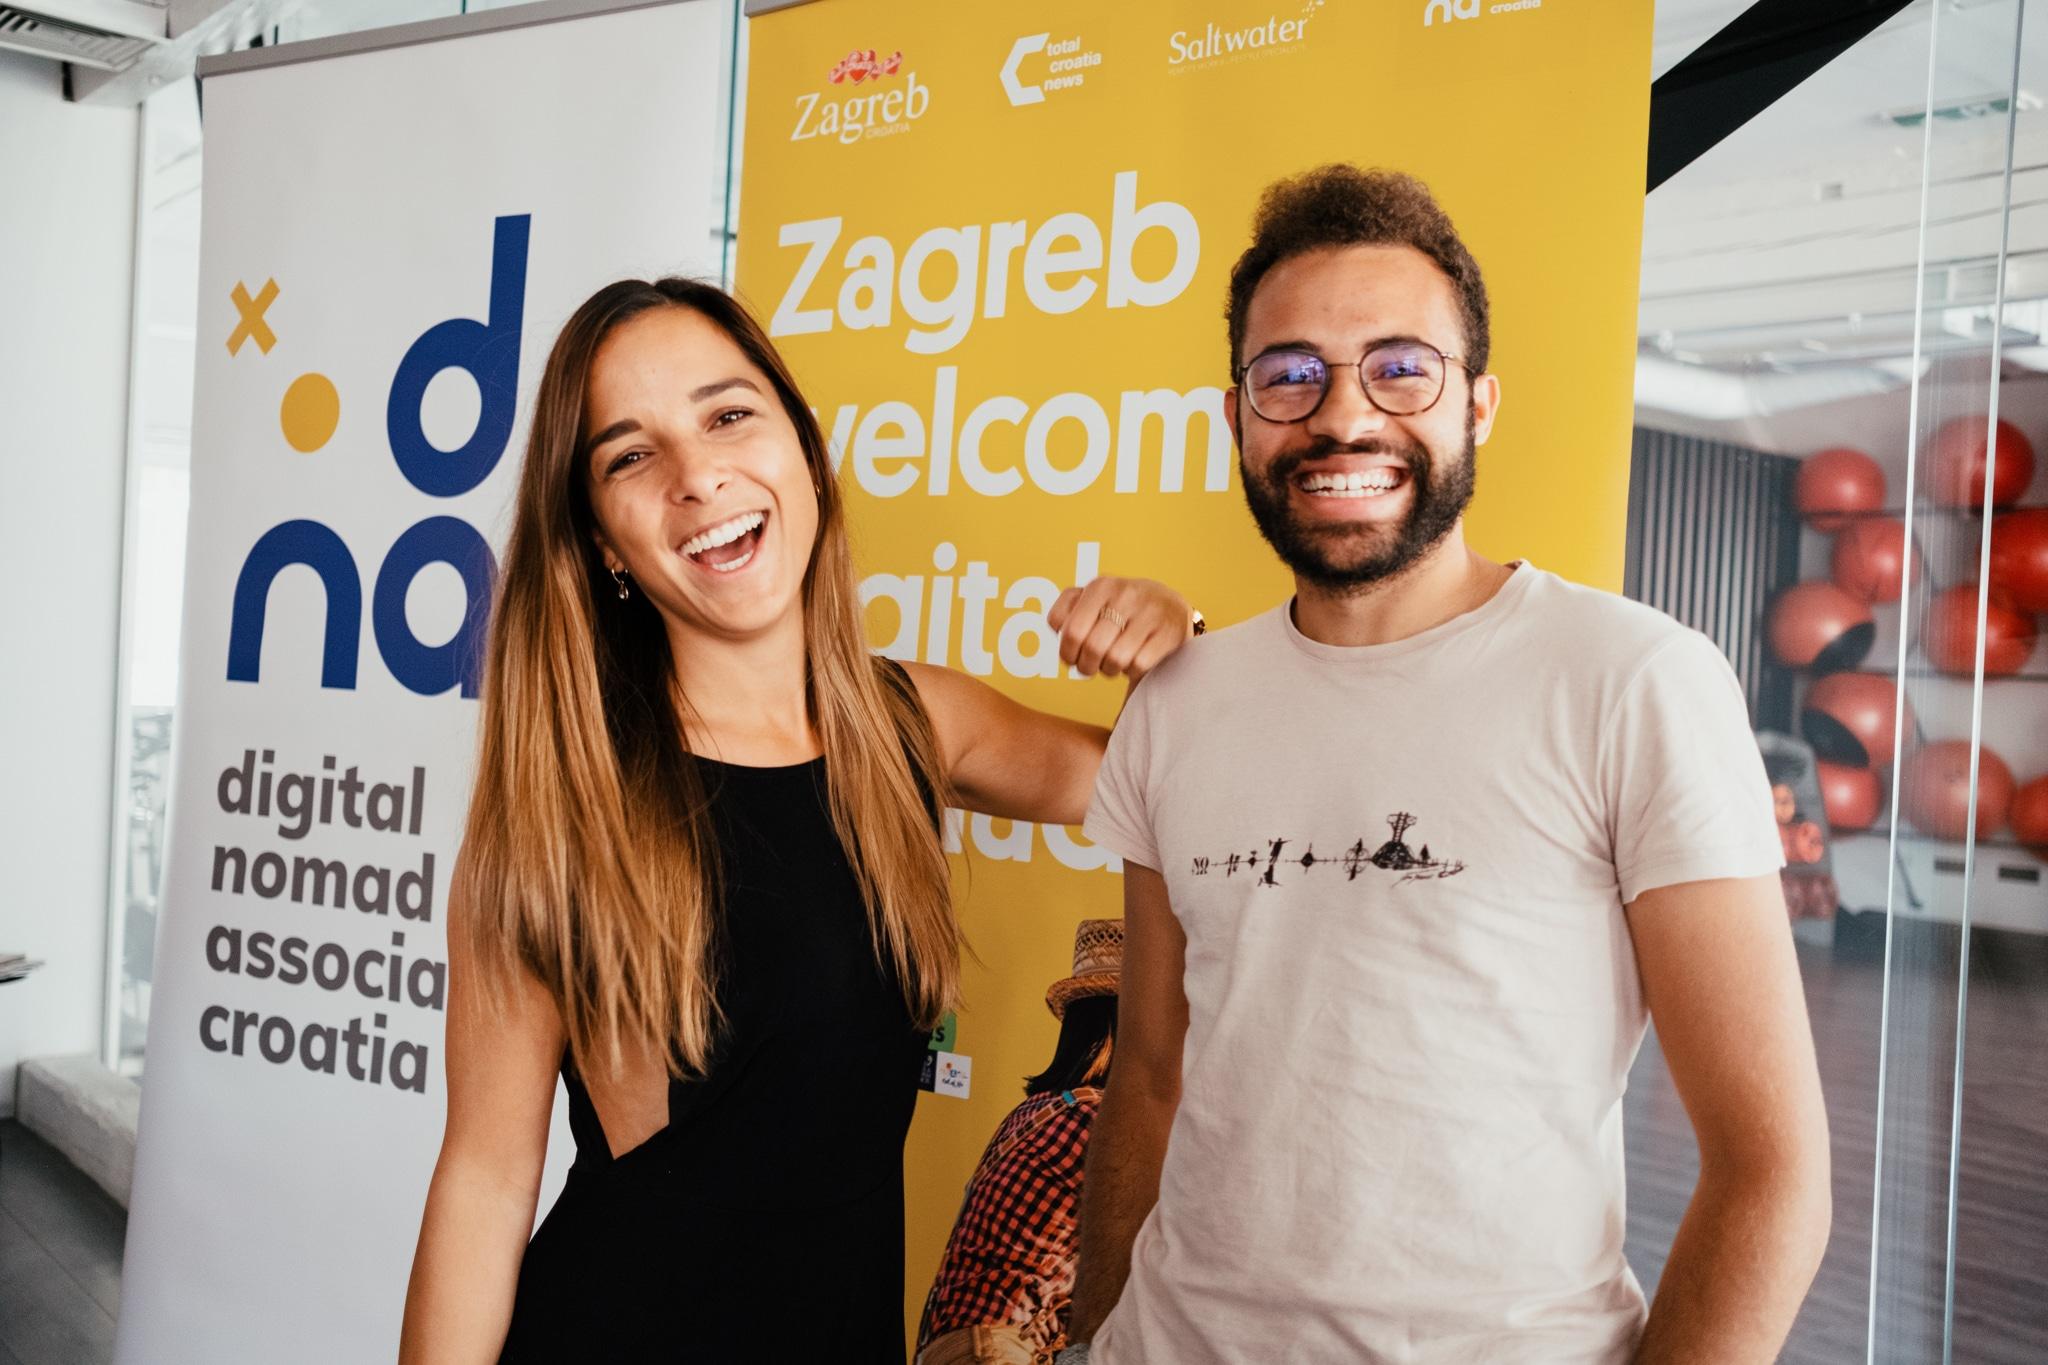 zagreb-digital-nomads-best-event-award